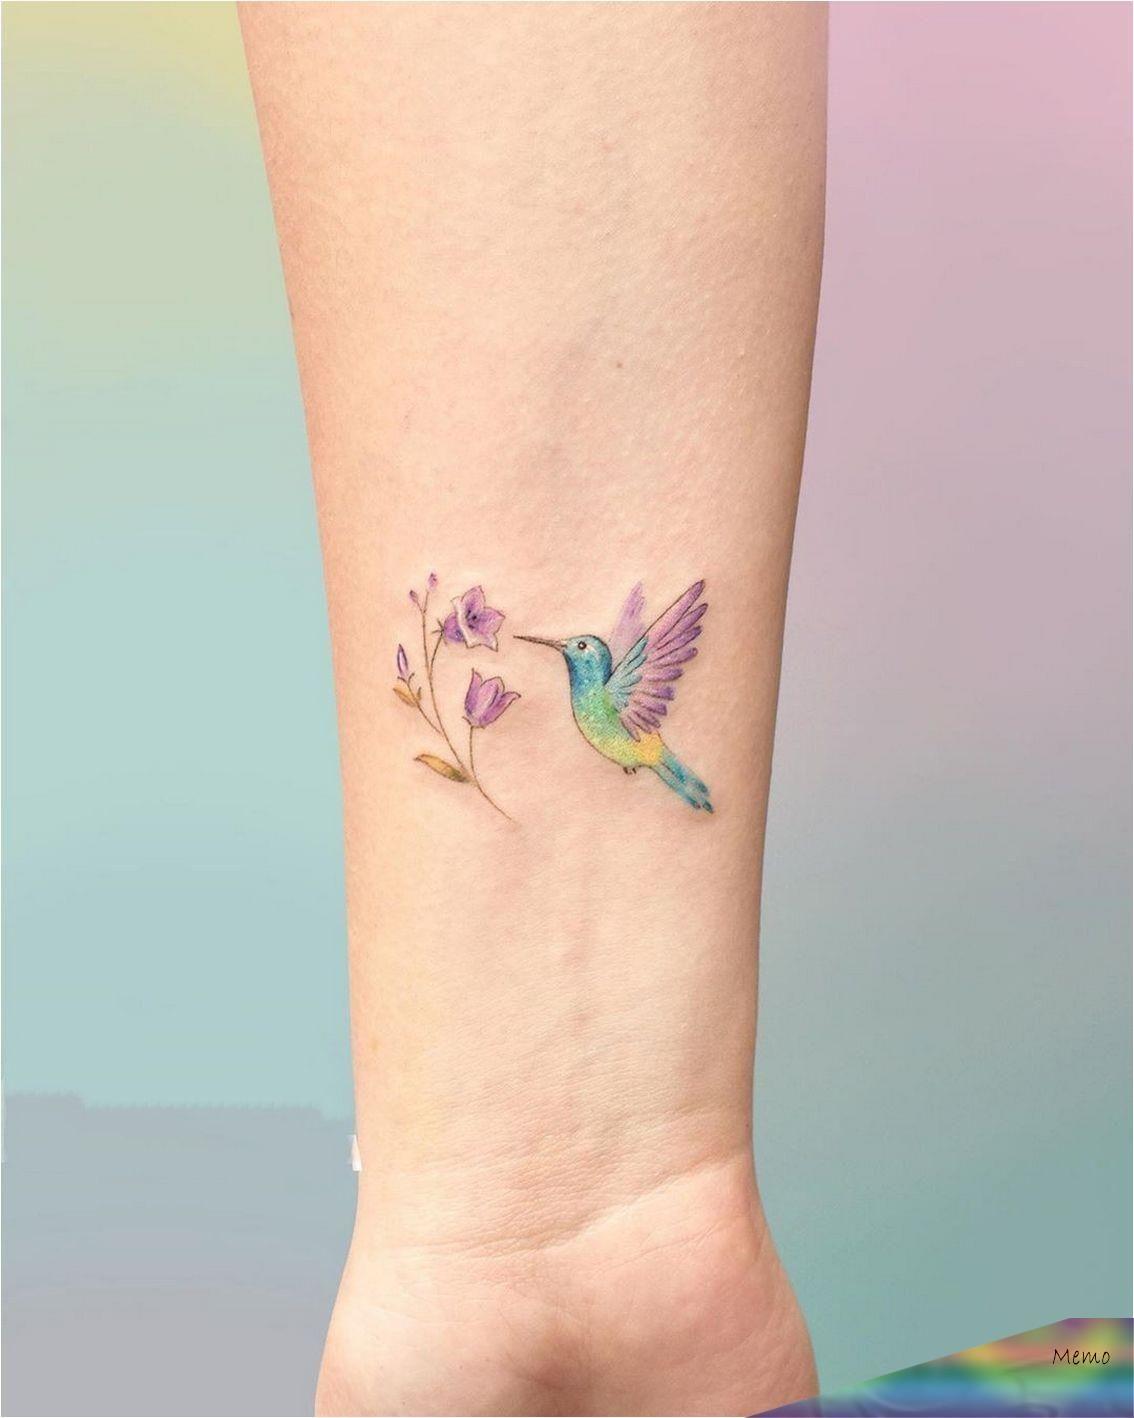 Feb 5 2020 With Its Vast Array Of Diversity The Humming Bird Is A Very Suitable Choice For A Tat Tatuajes De Picaflor Tatuajes Colibri Tatuajes De Colibris